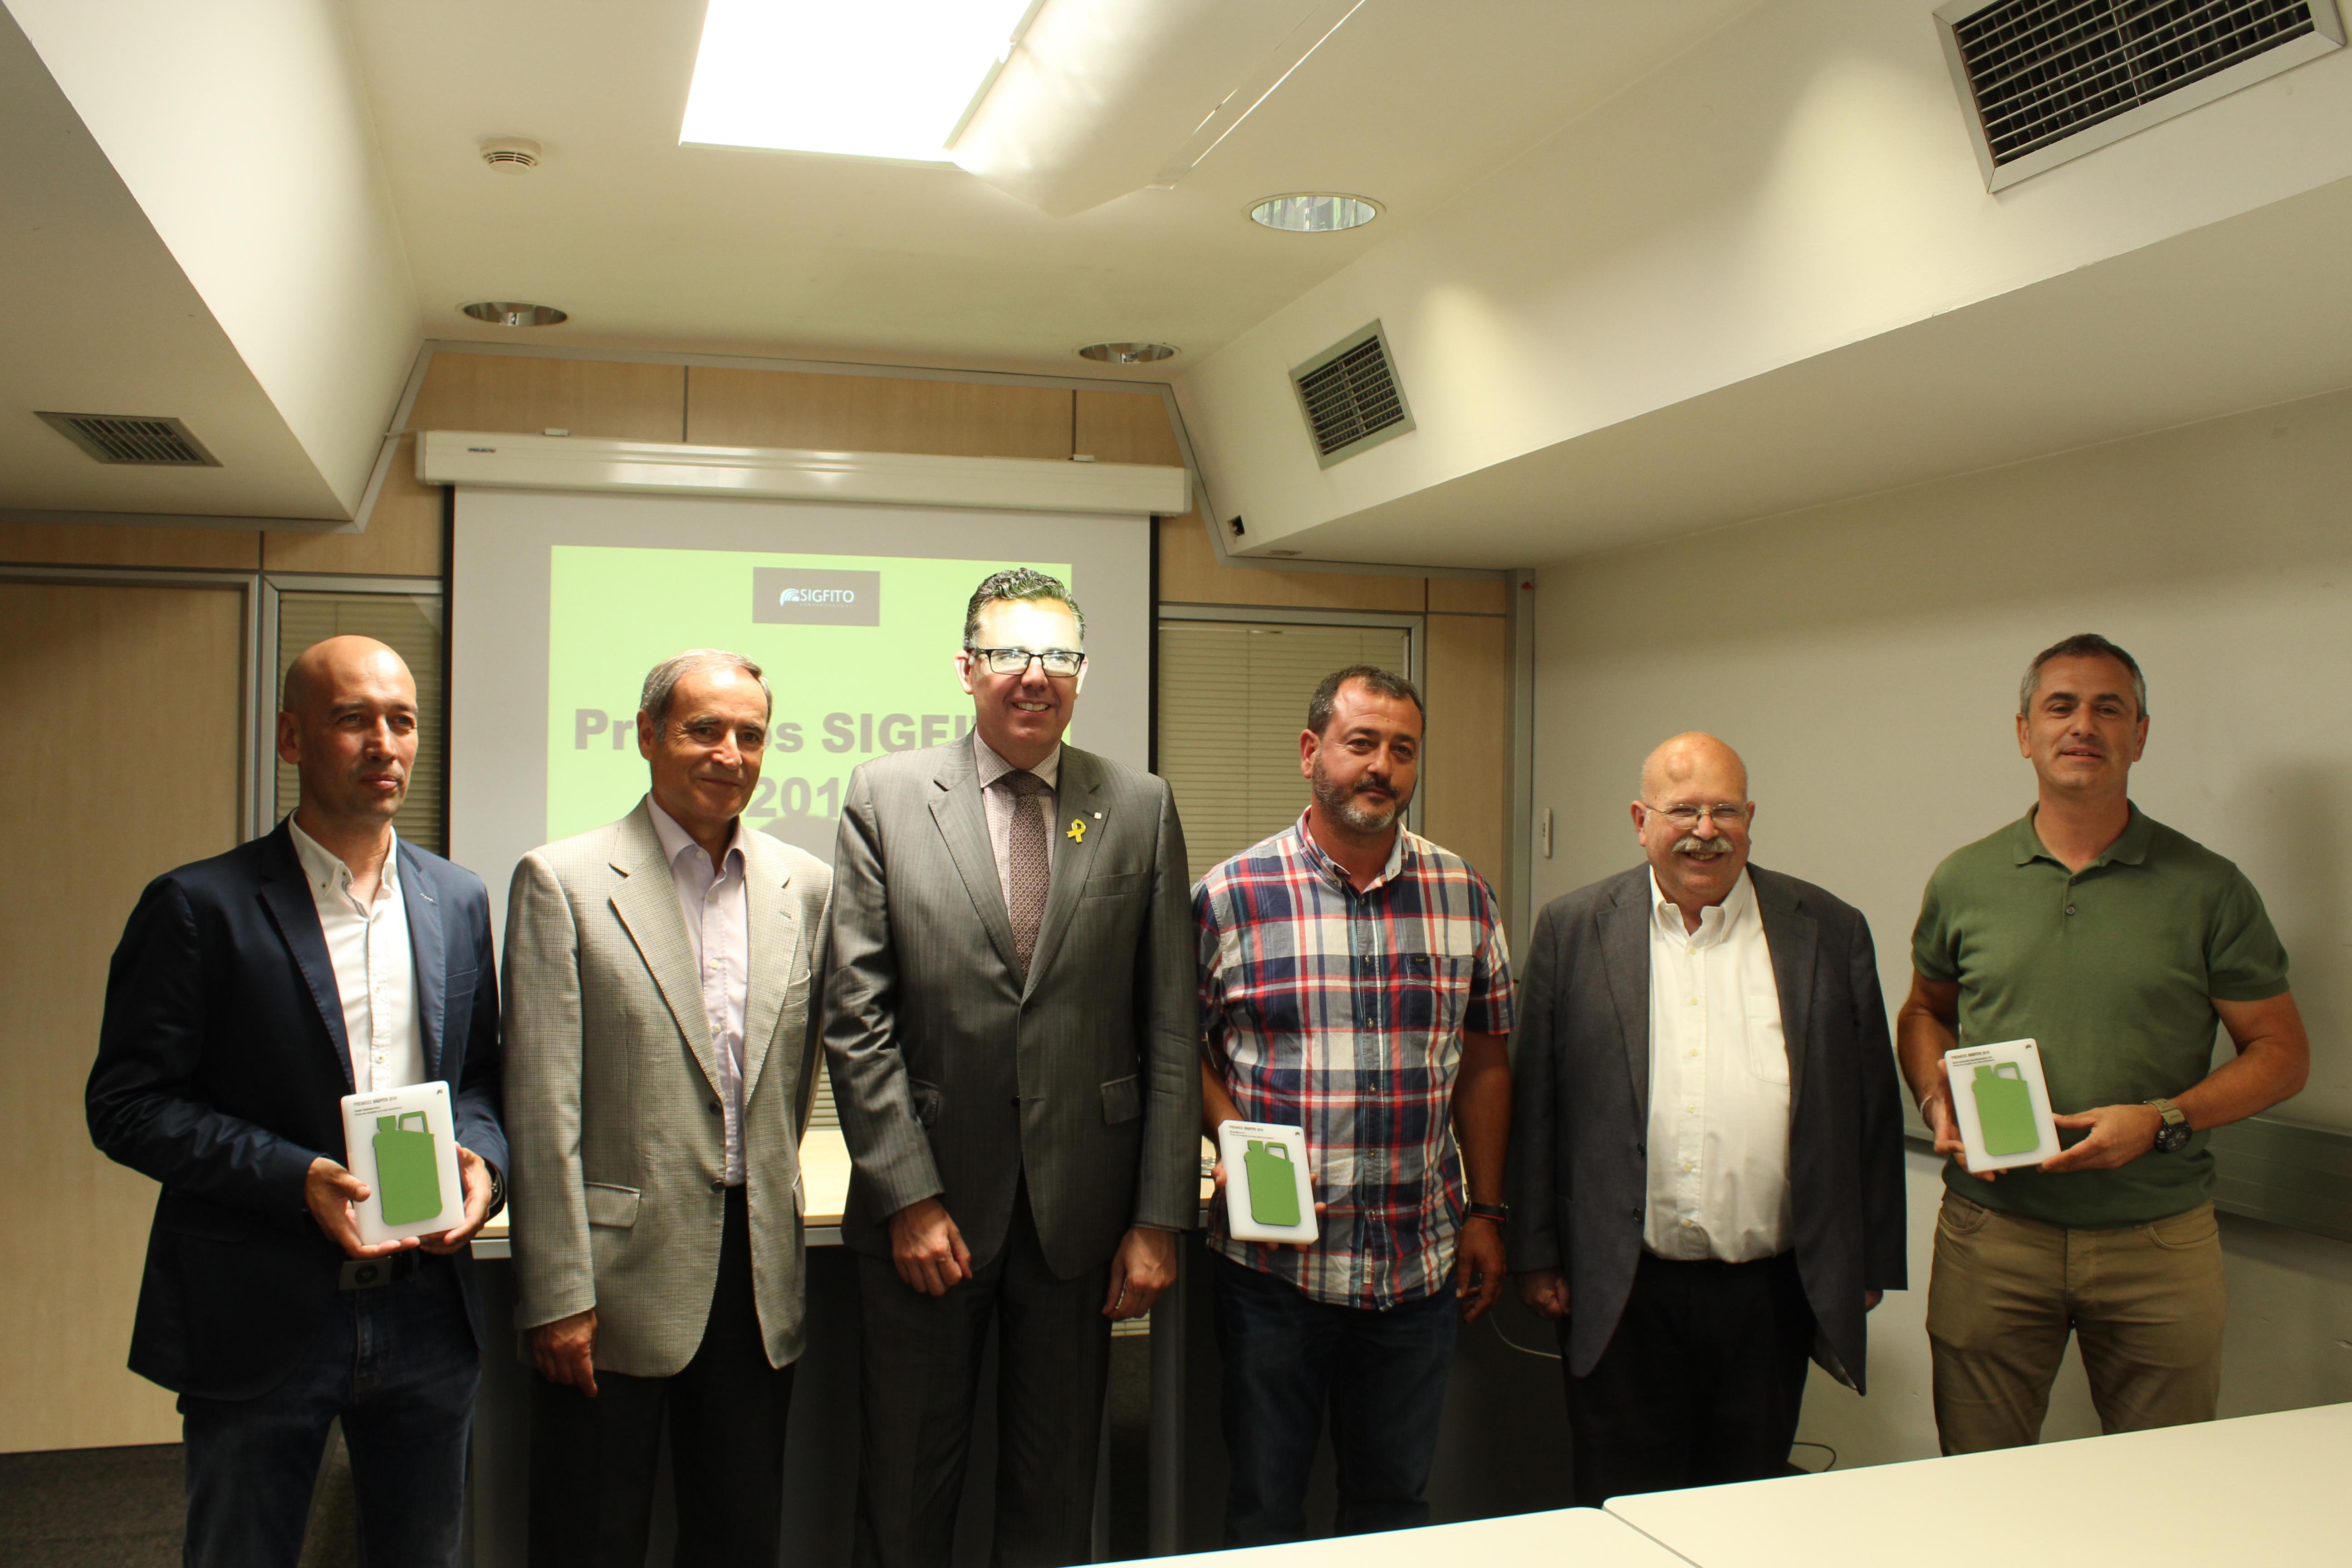 Premio SIGFITO Cataluña